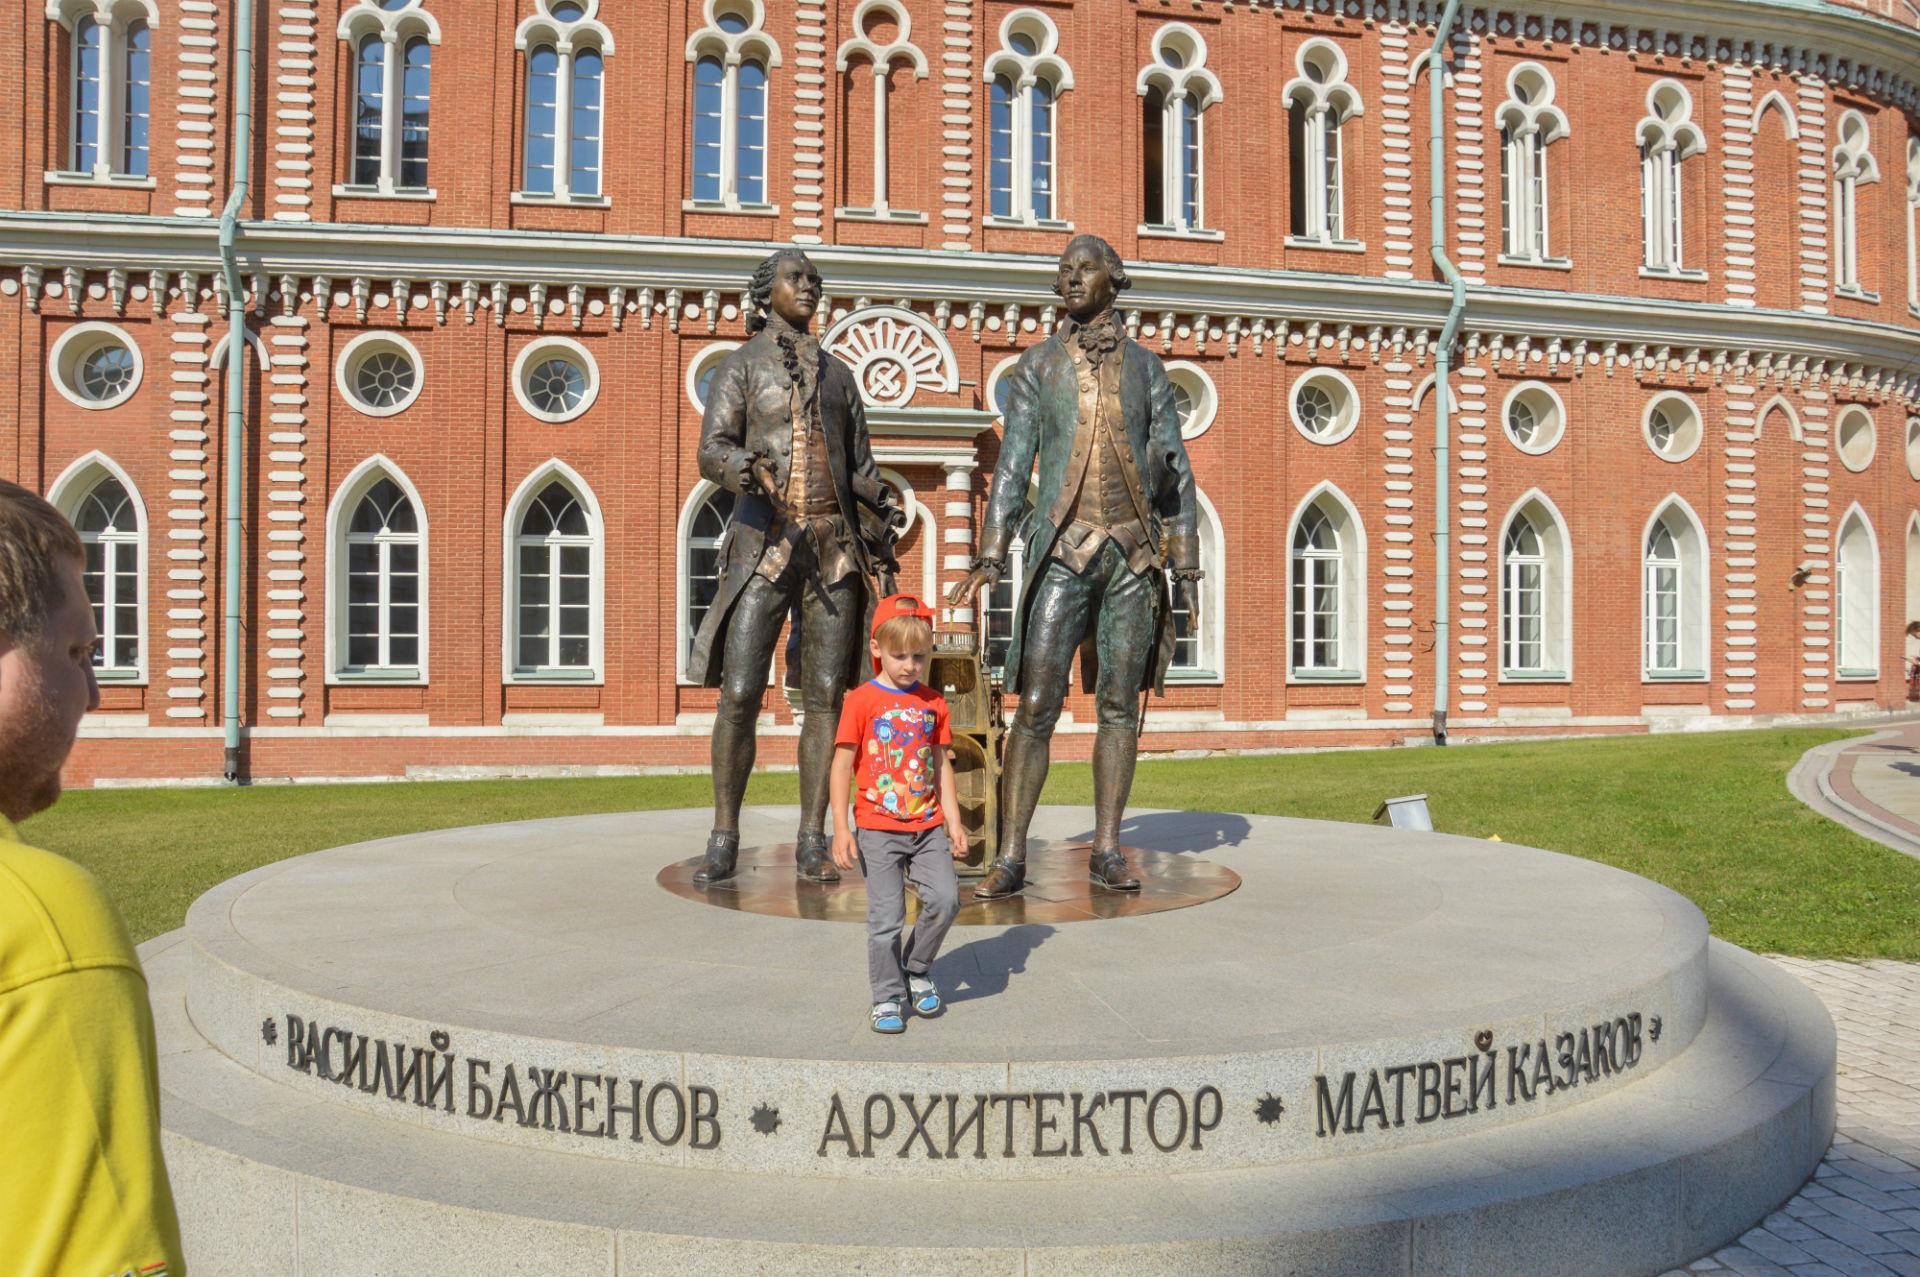 Kipa arhitektov Vasilija Baženova in Matveja Kazakova